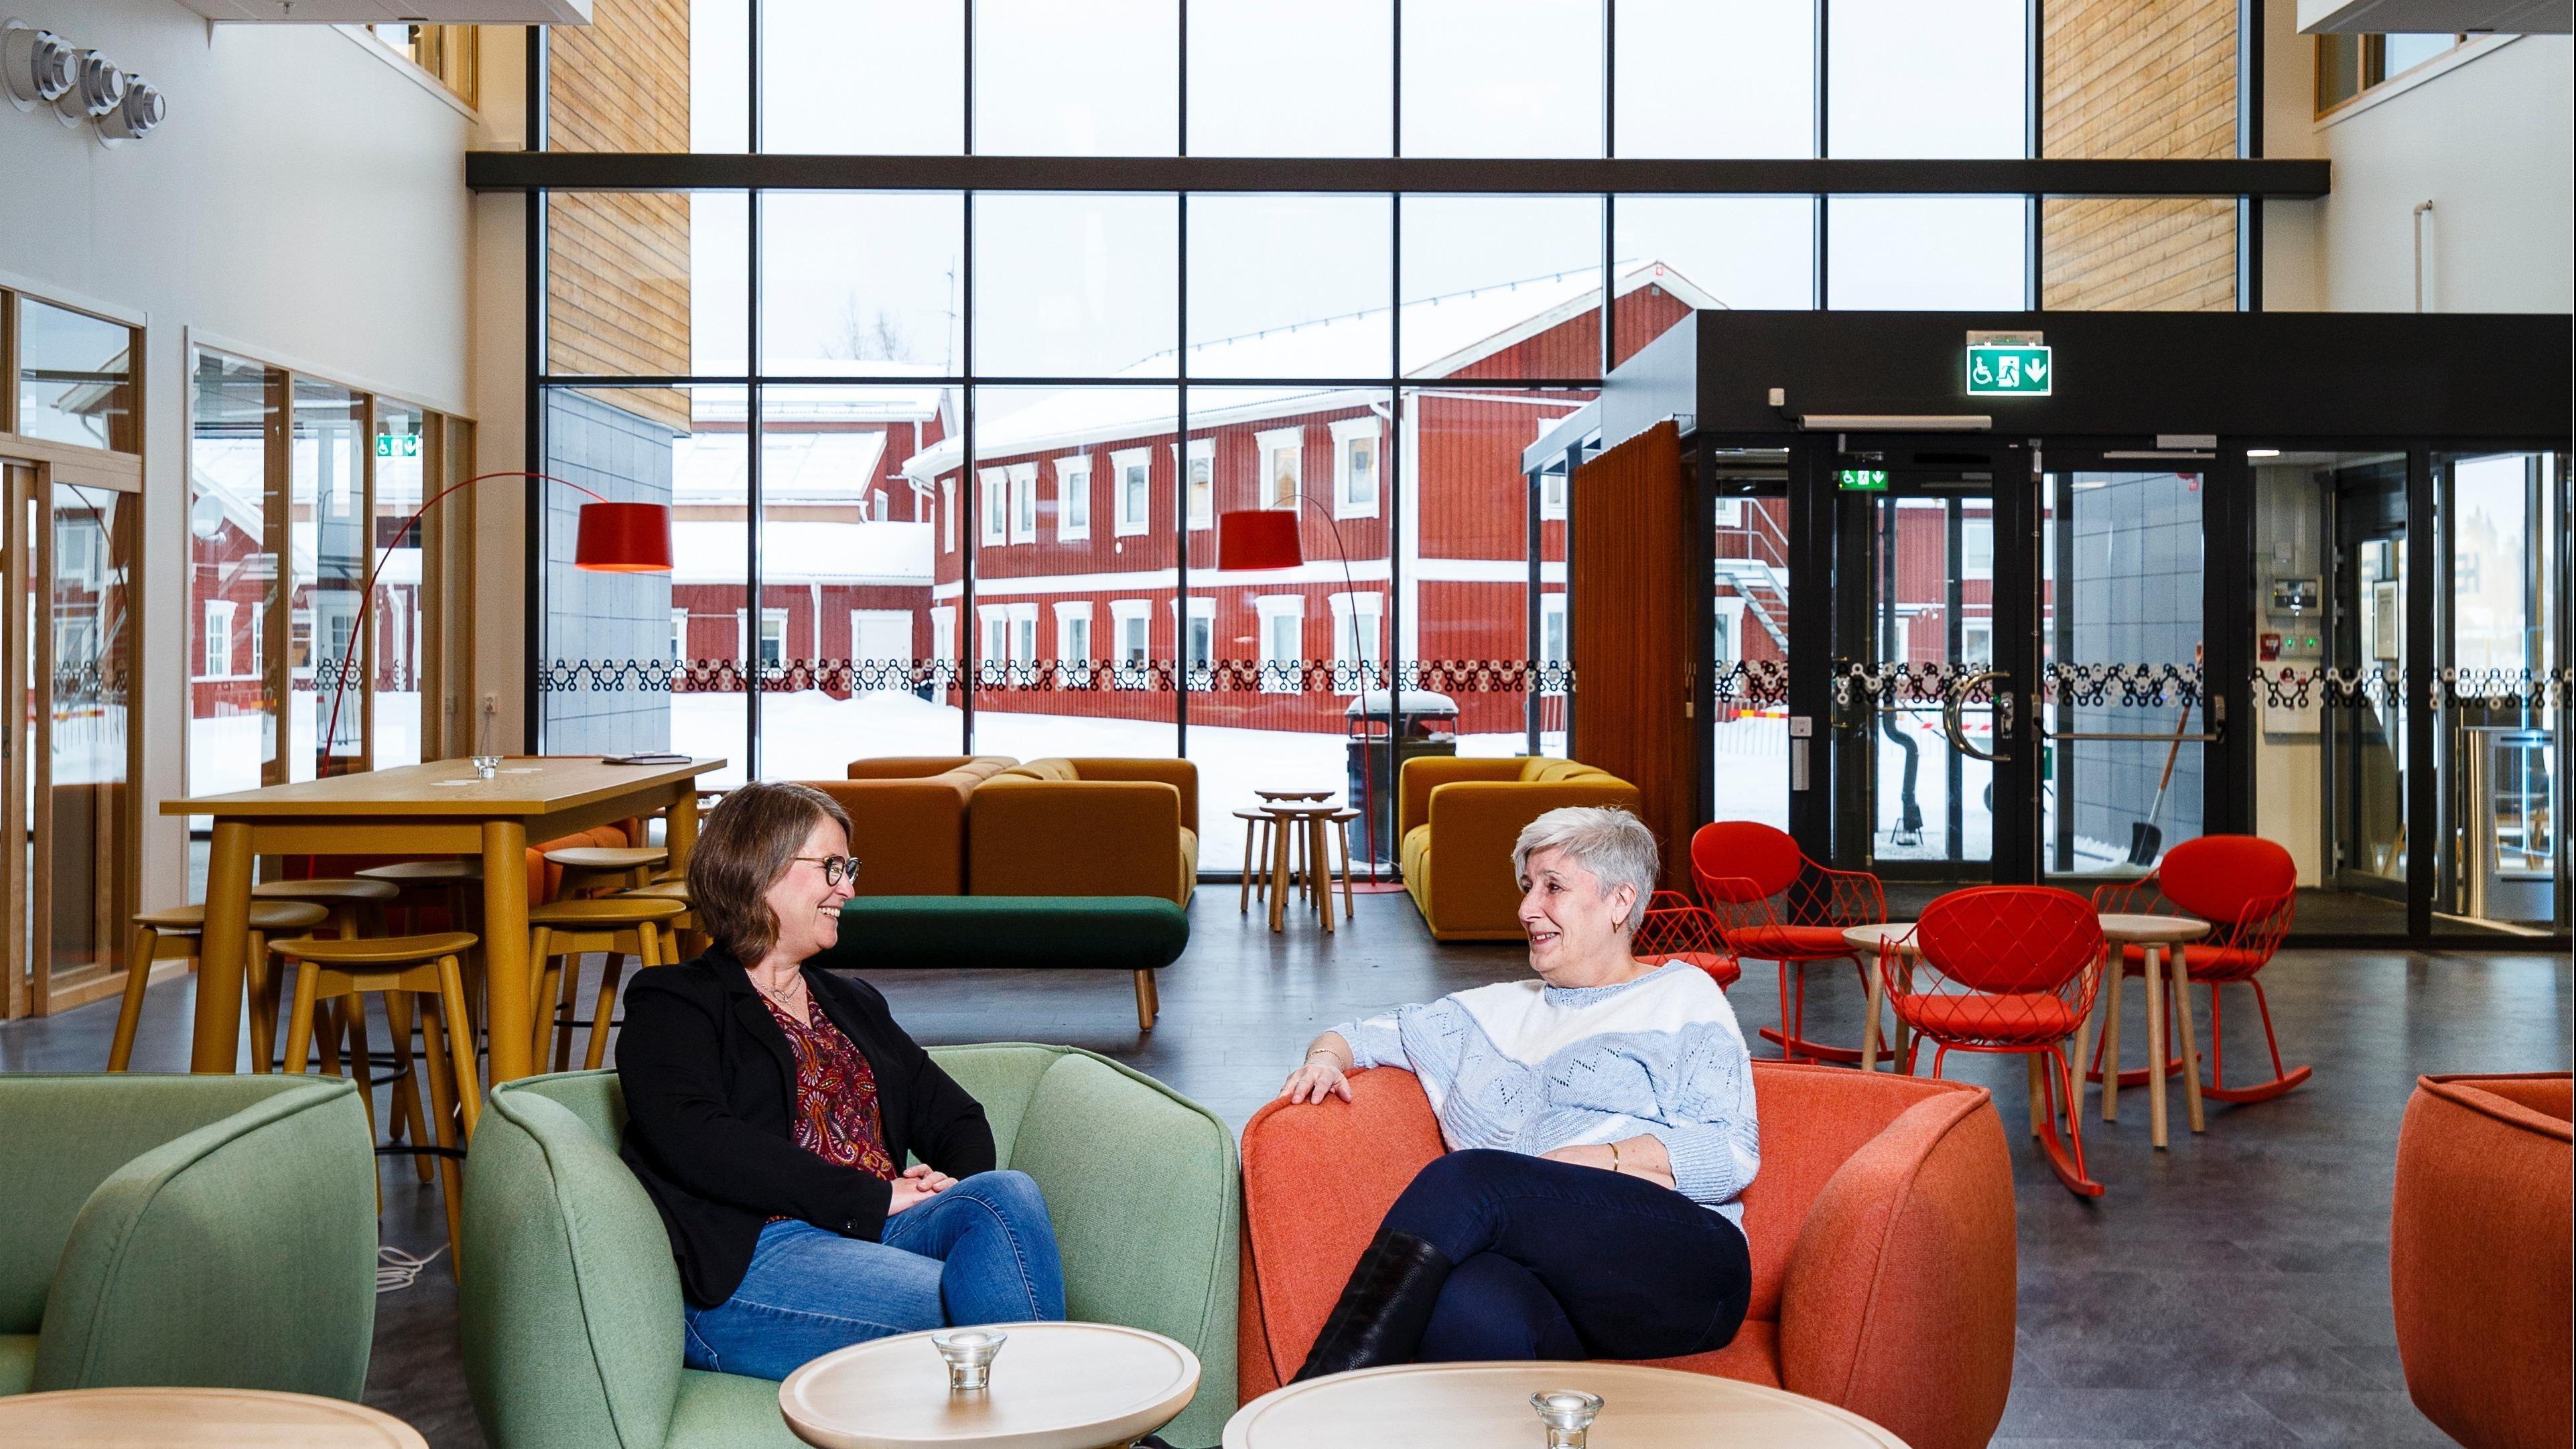 Anna-Karin Andersson, projektansvarig för Verkstan, och Inger Lundberg, tillförordnad upphandlingschef på Bodens kommun. De båda kvinnorna sitter i varsin fåtölj och samtalar.